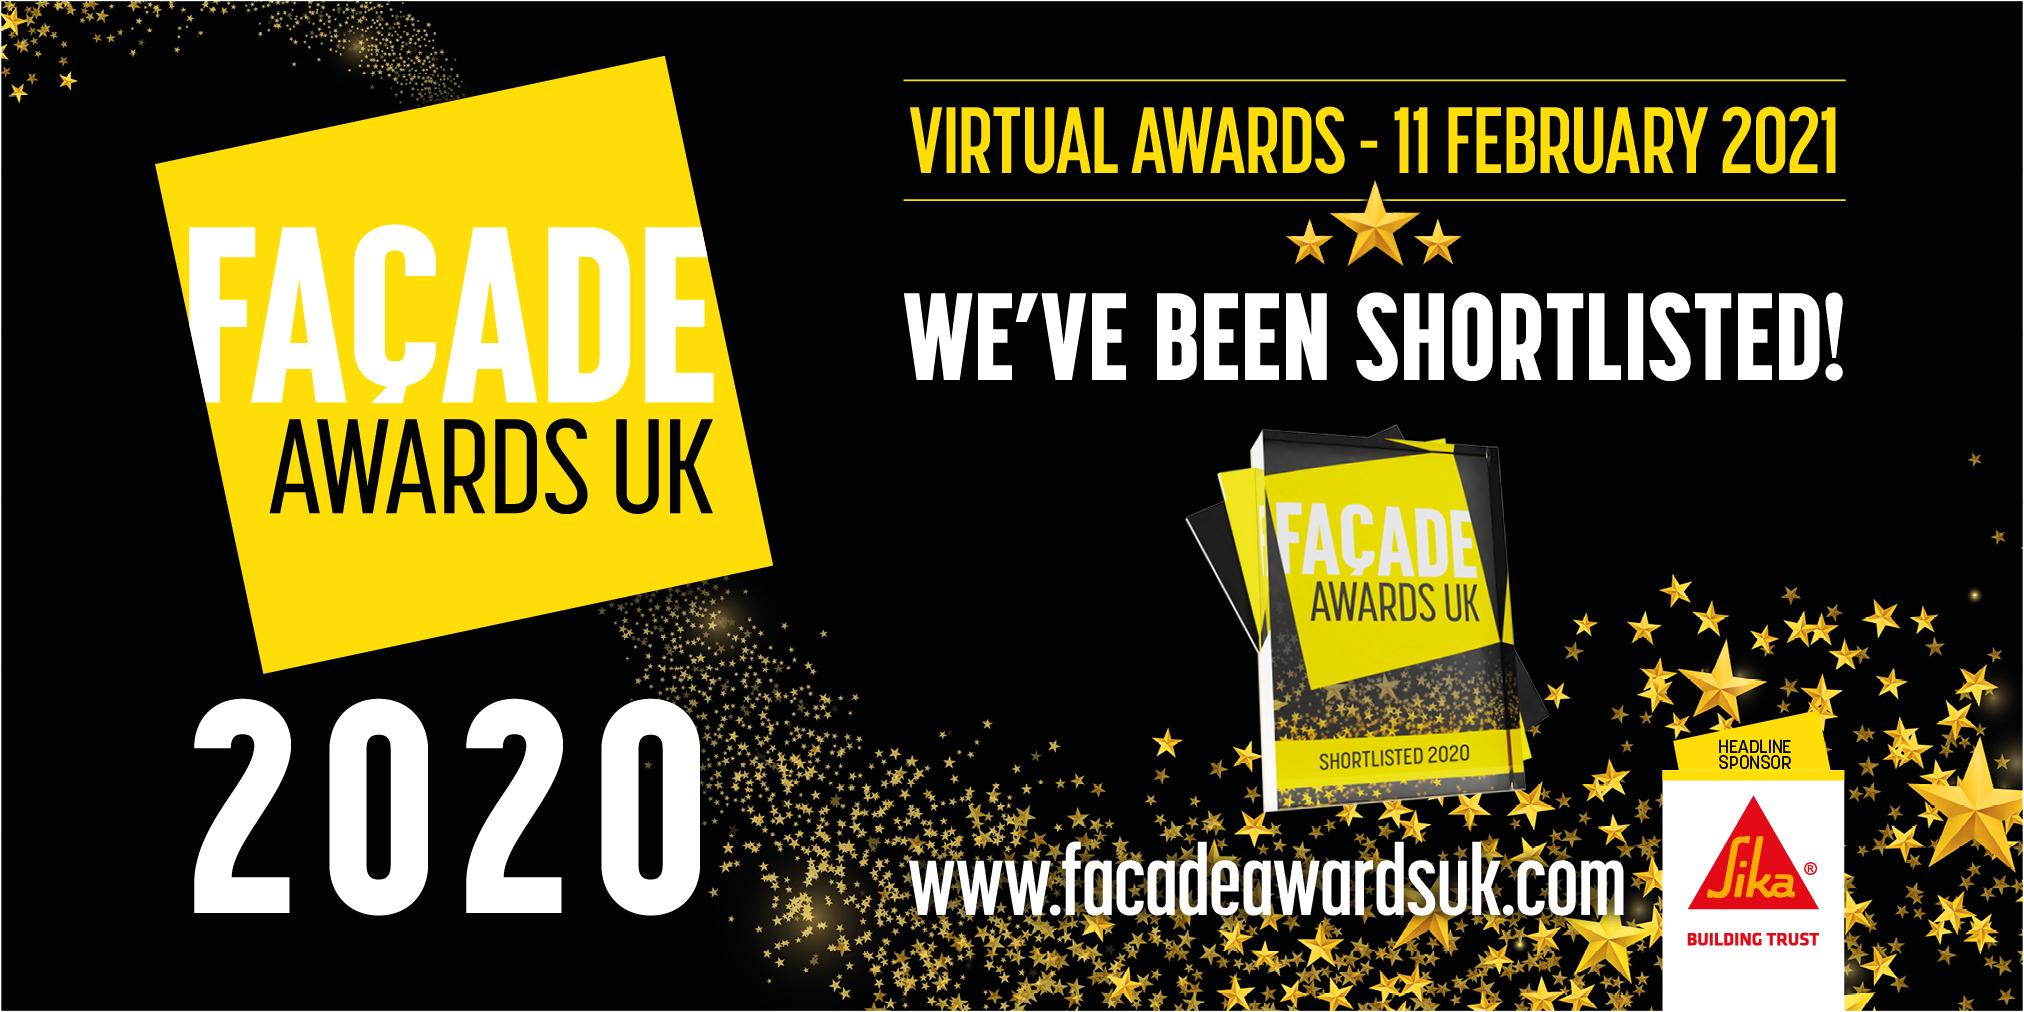 Facade Awards Banner - We've been Shortlisted!